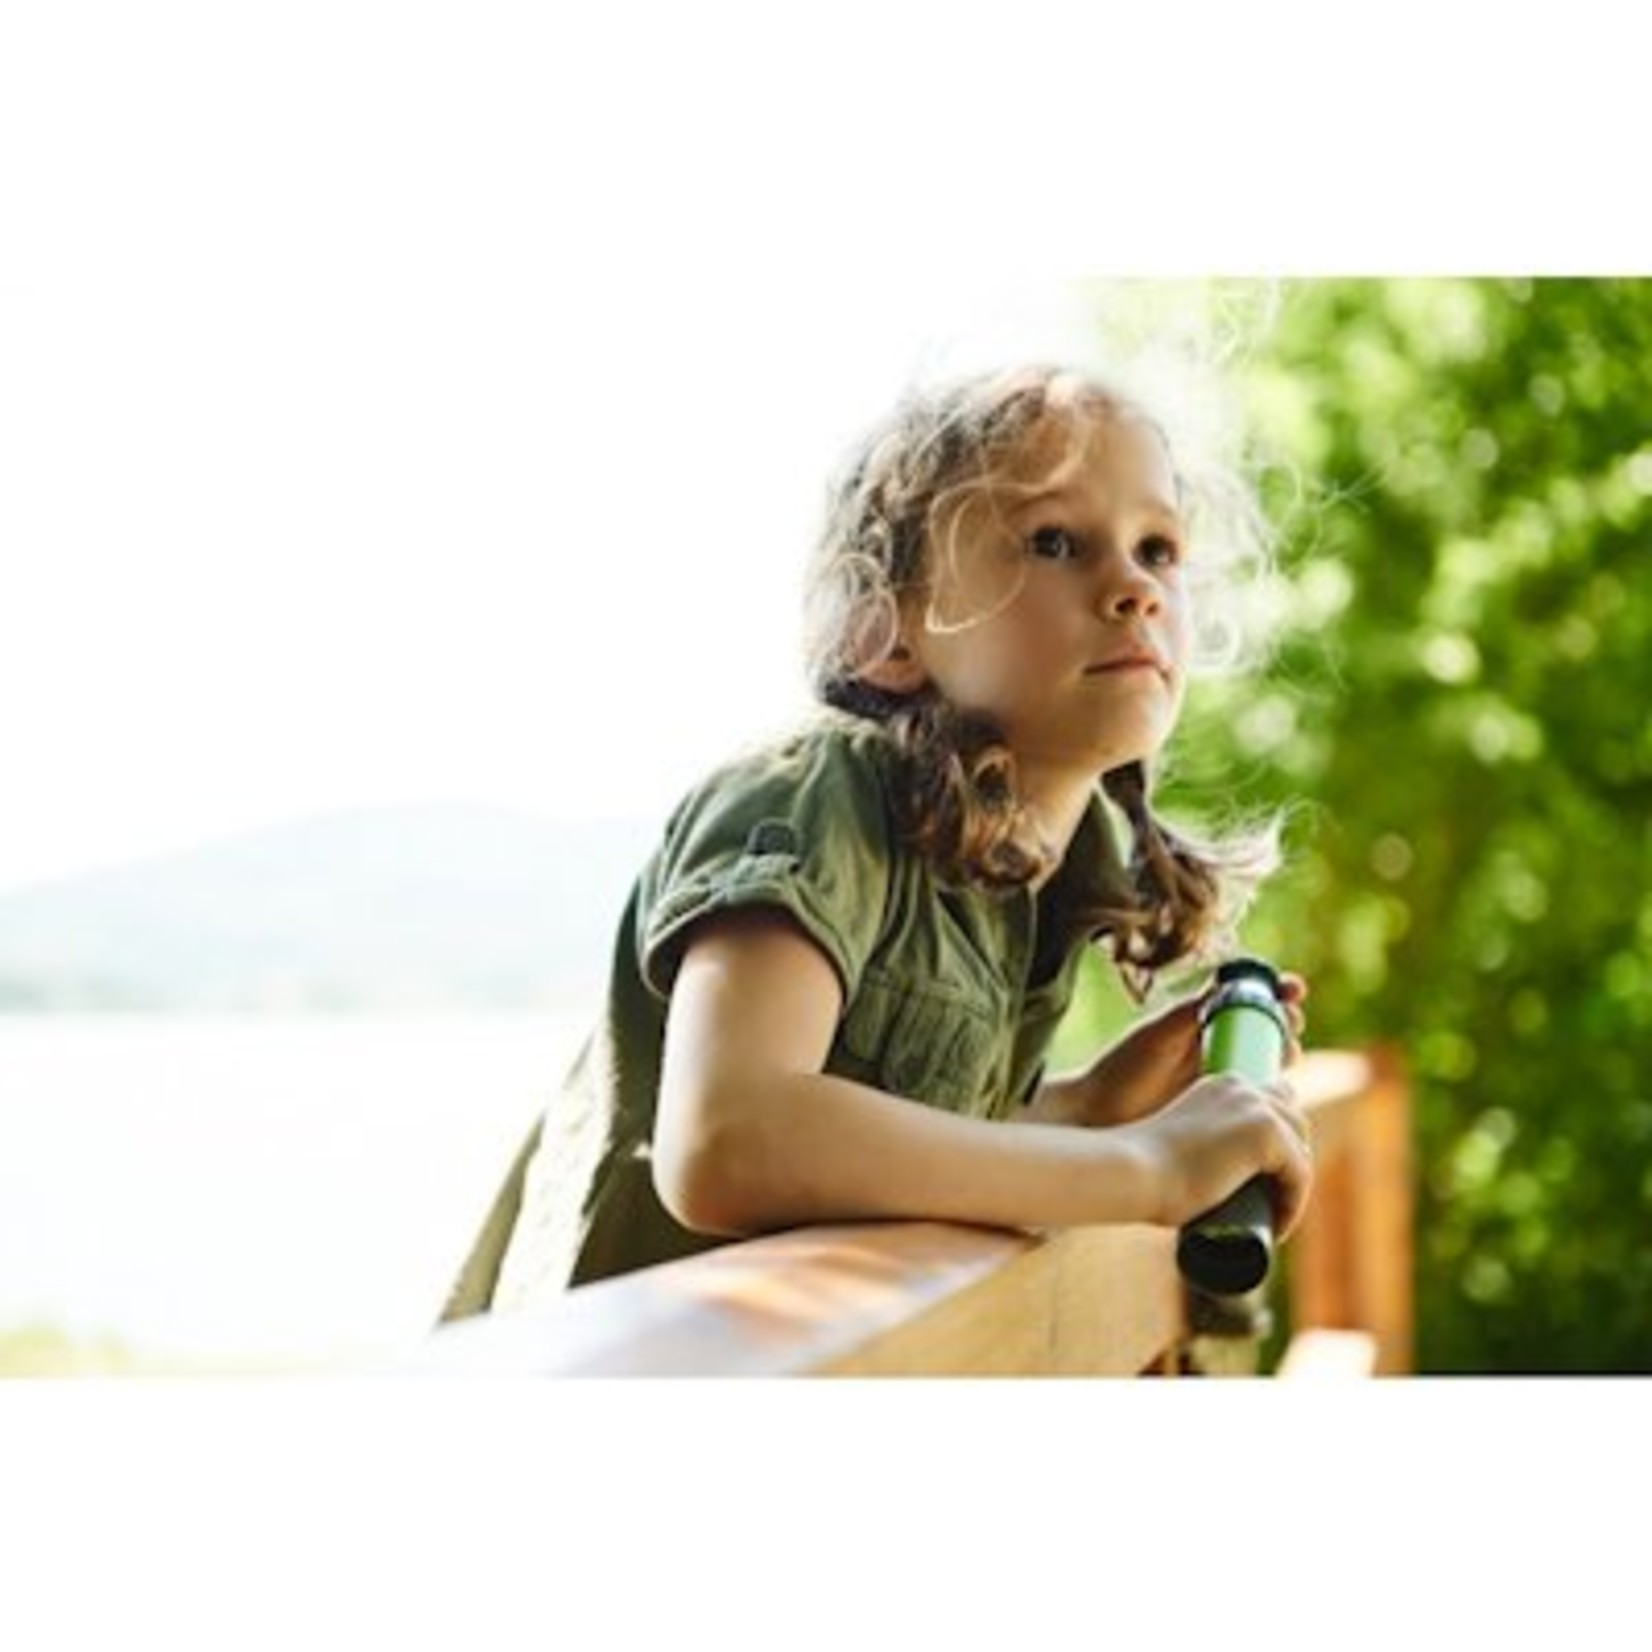 Haba Terra Kids - Kindertelescoop